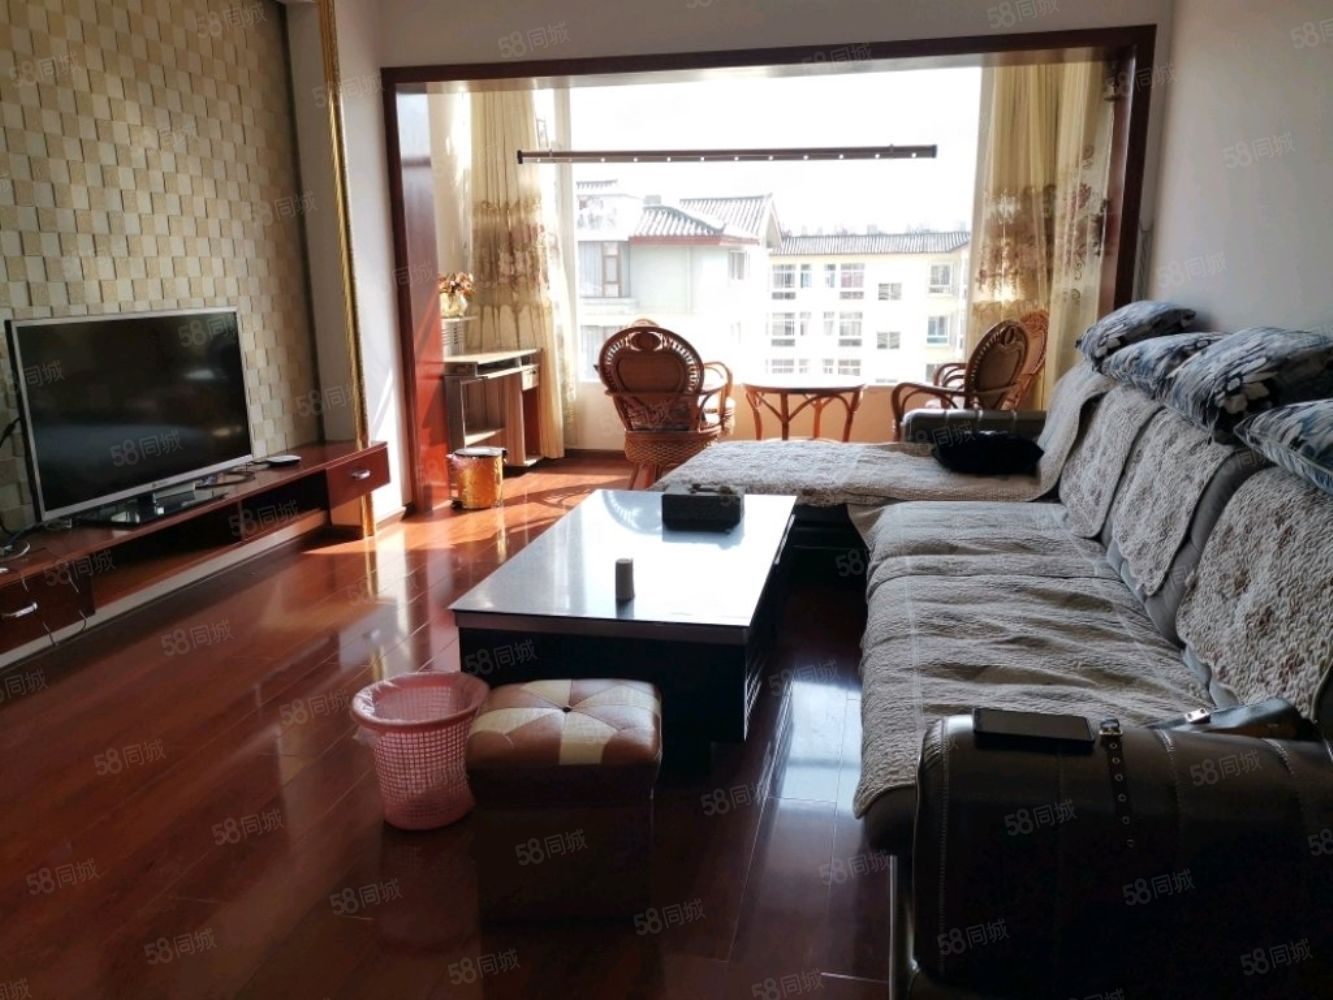 德立商业广场两居室精装修好房出租带家具家电可以拎包入住可看房